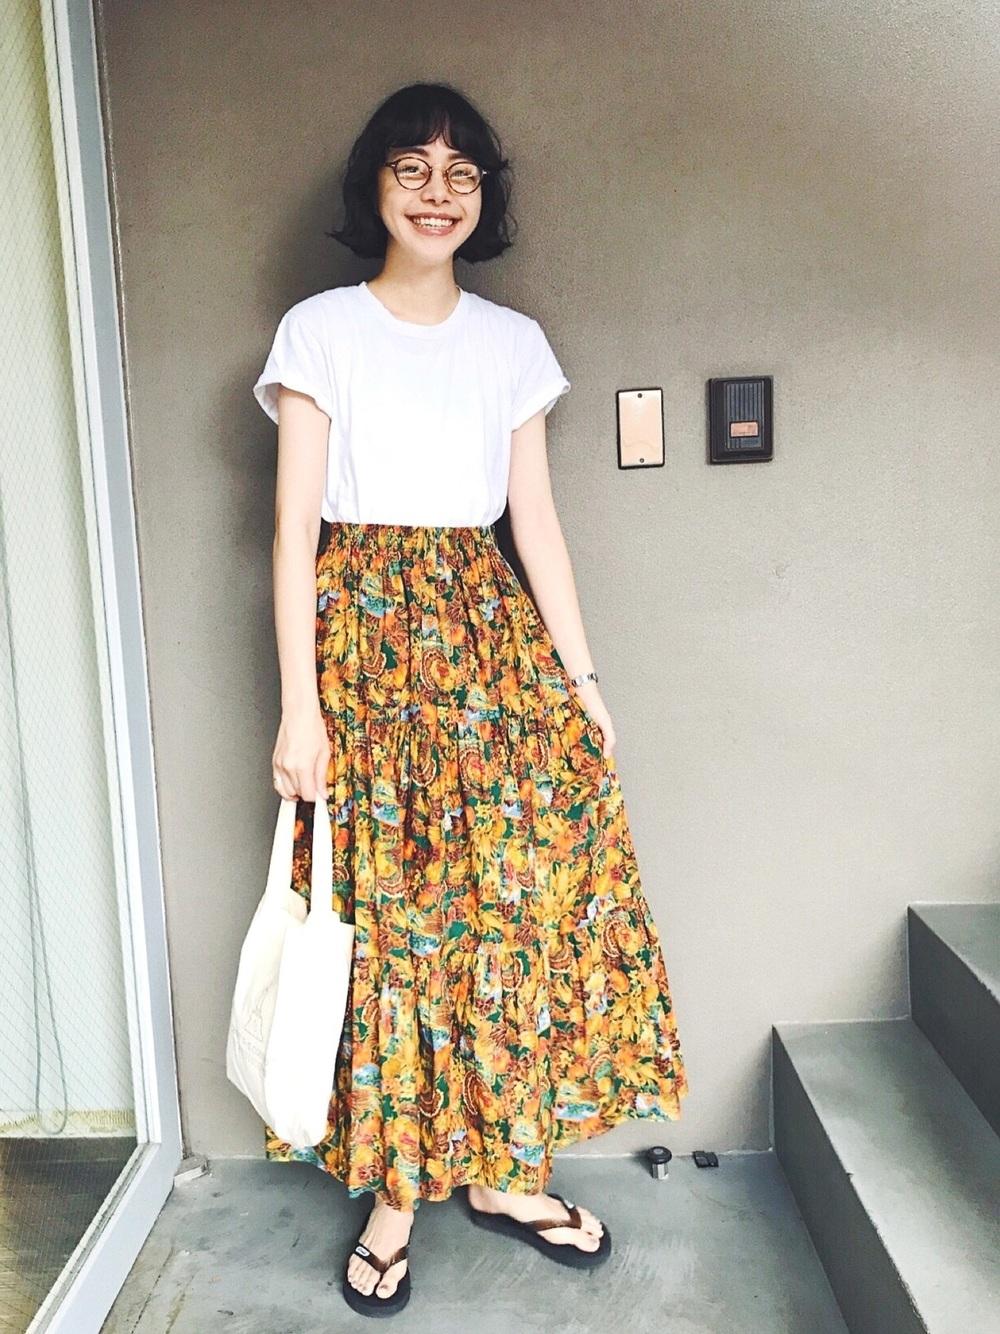 オレンジ系マキシ風スカート×ホワイトTシャツ